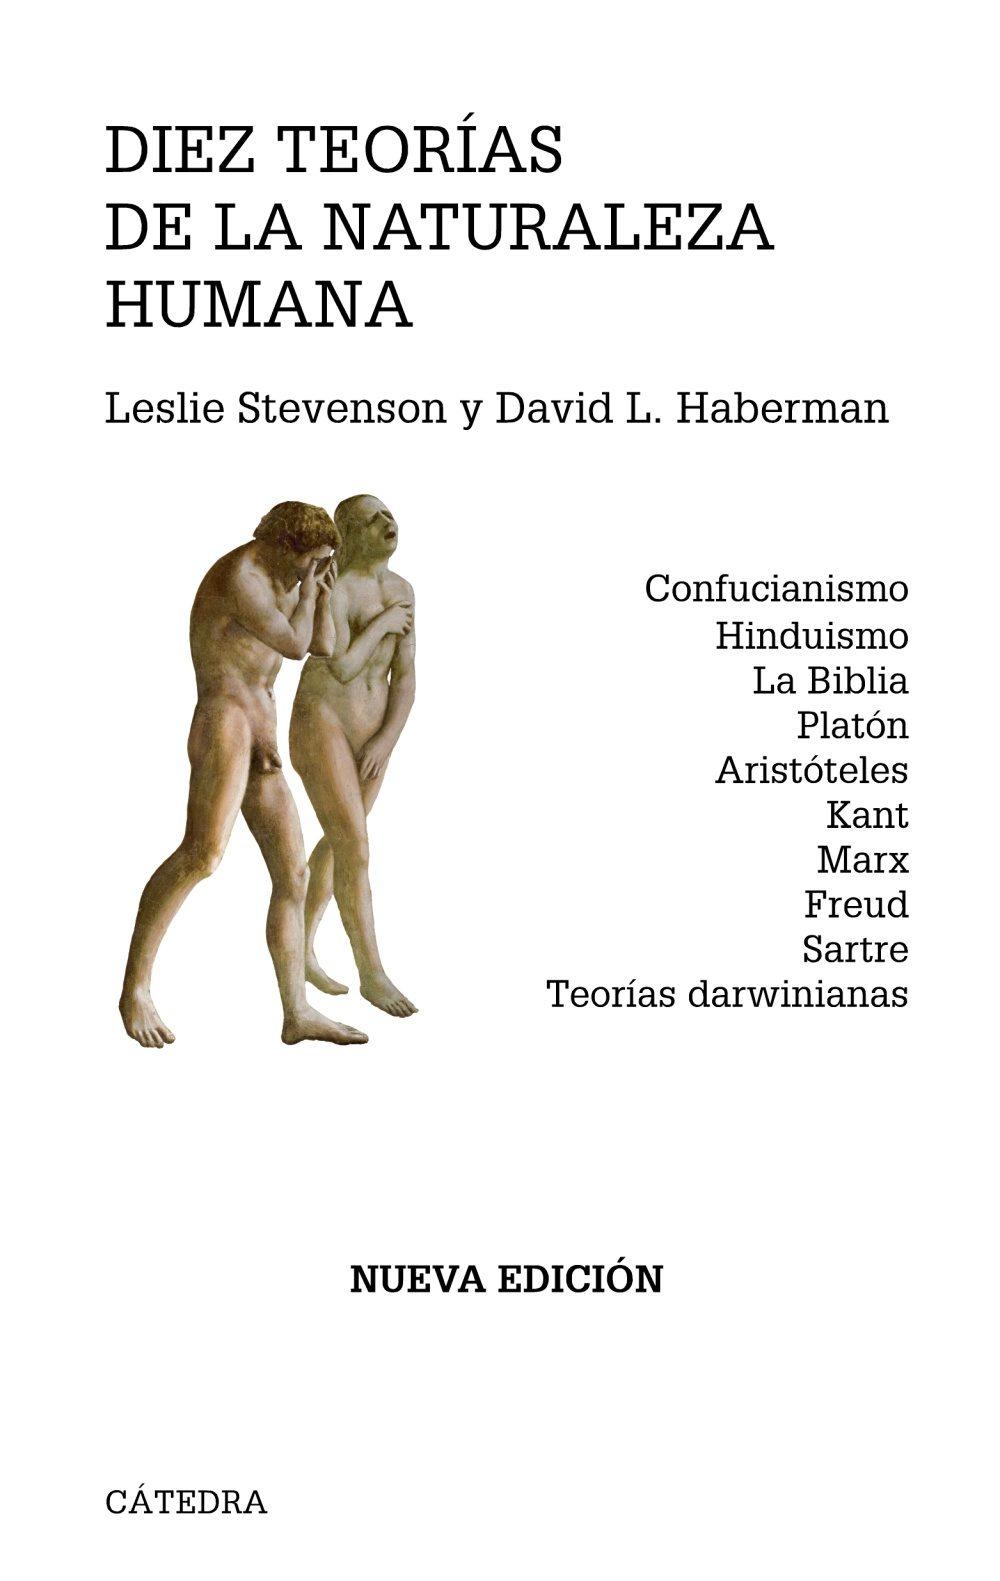 ¿Qué es lo que define al ser humano como tal?